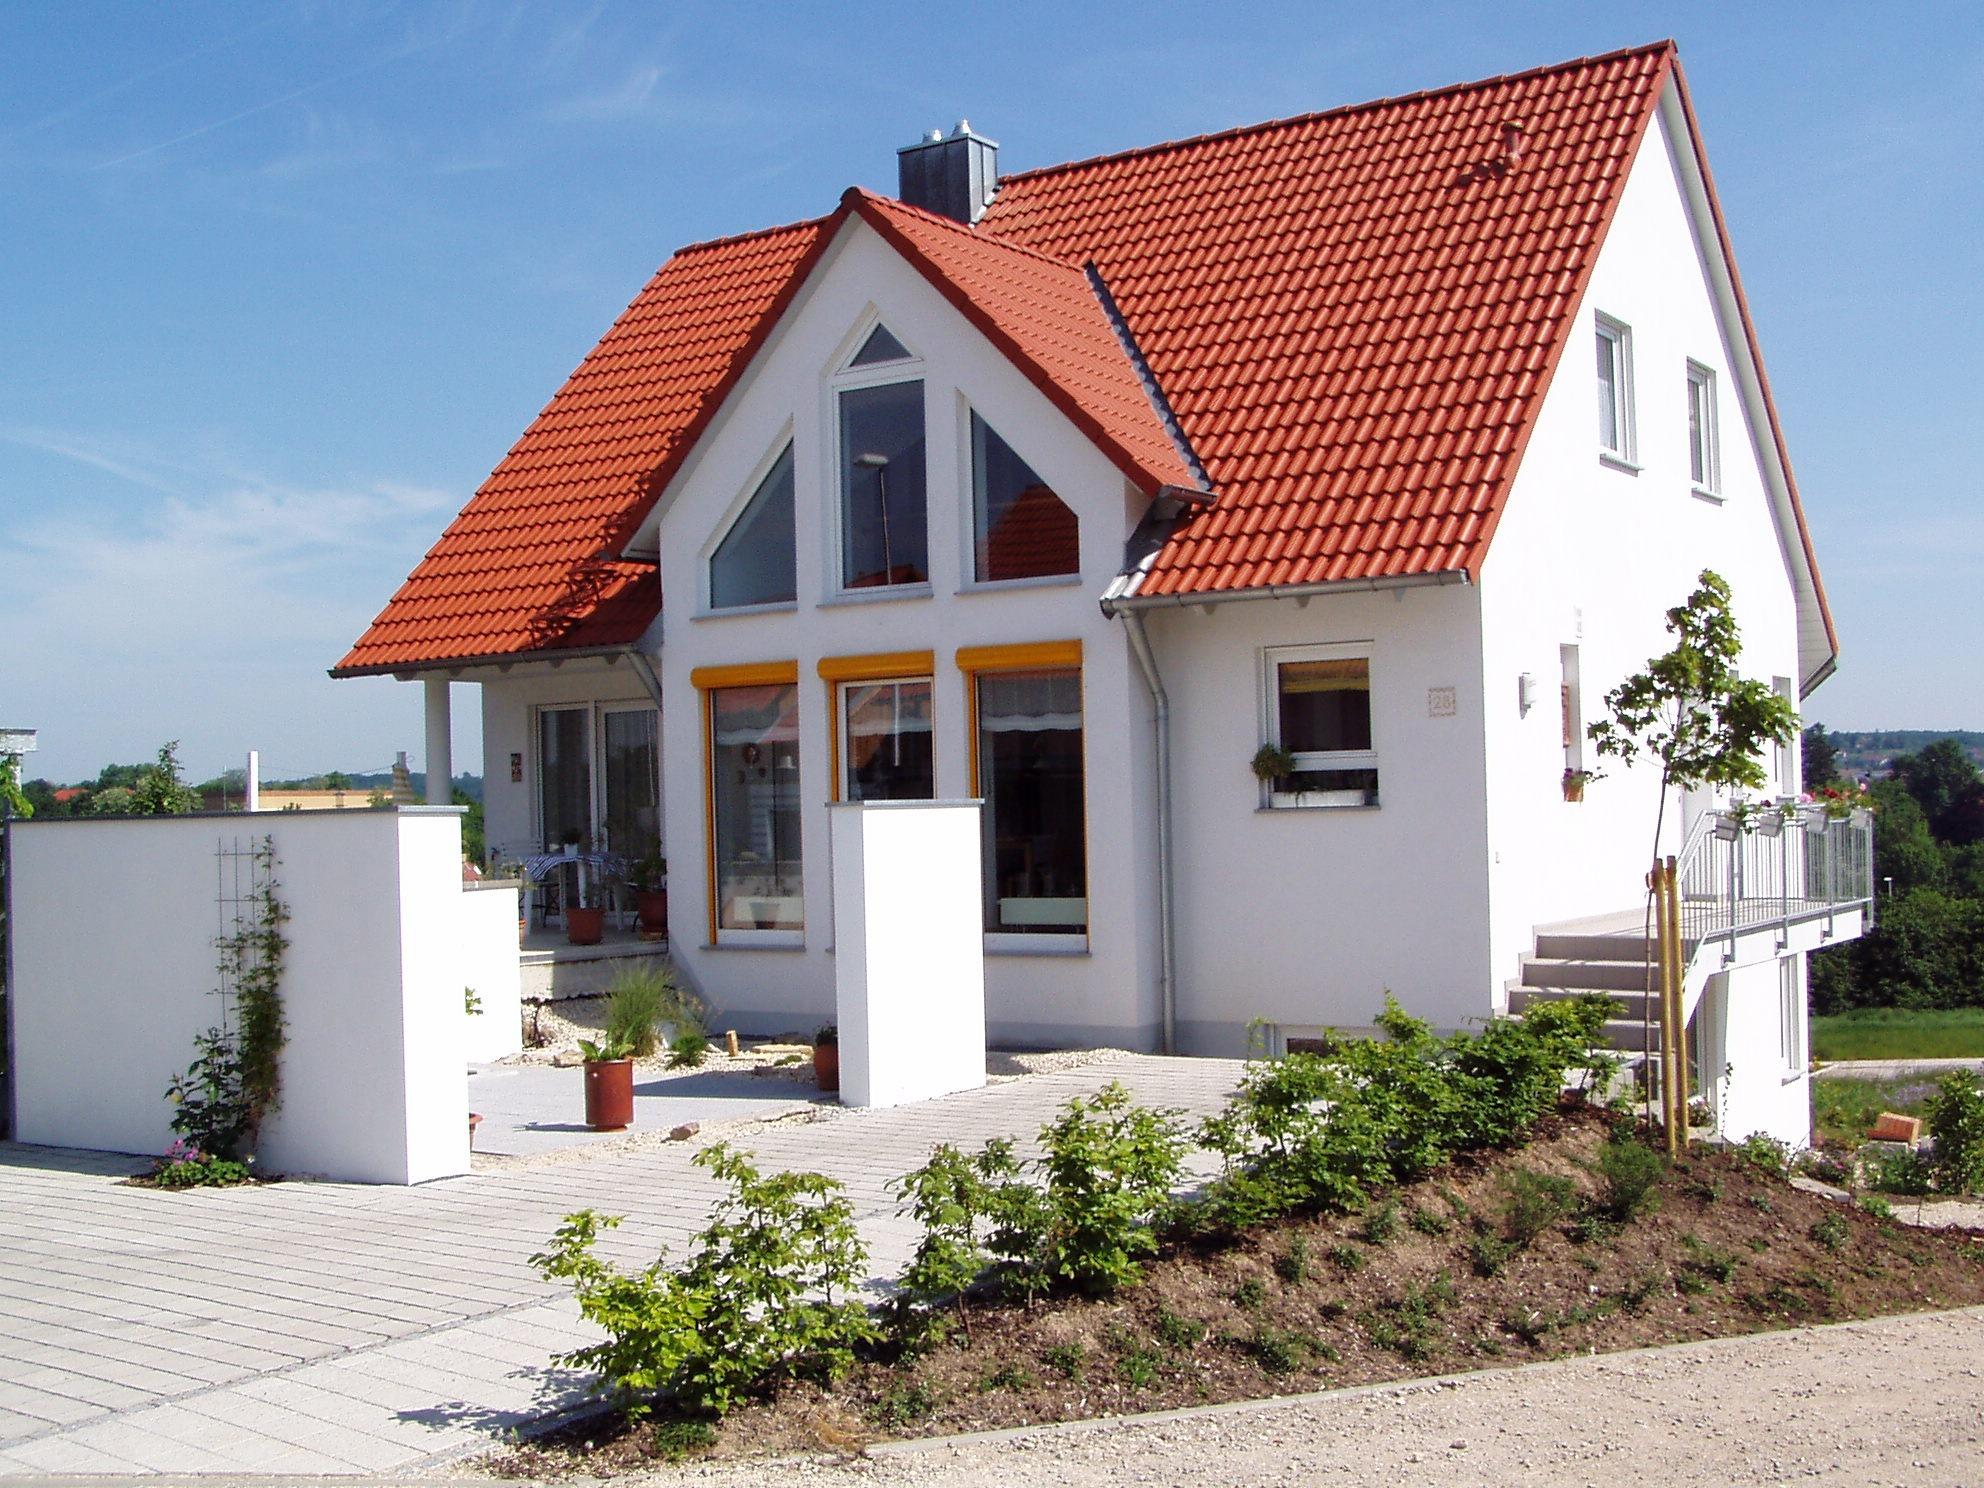 Zelf Huis Bouwen : Eigen huis bouwen